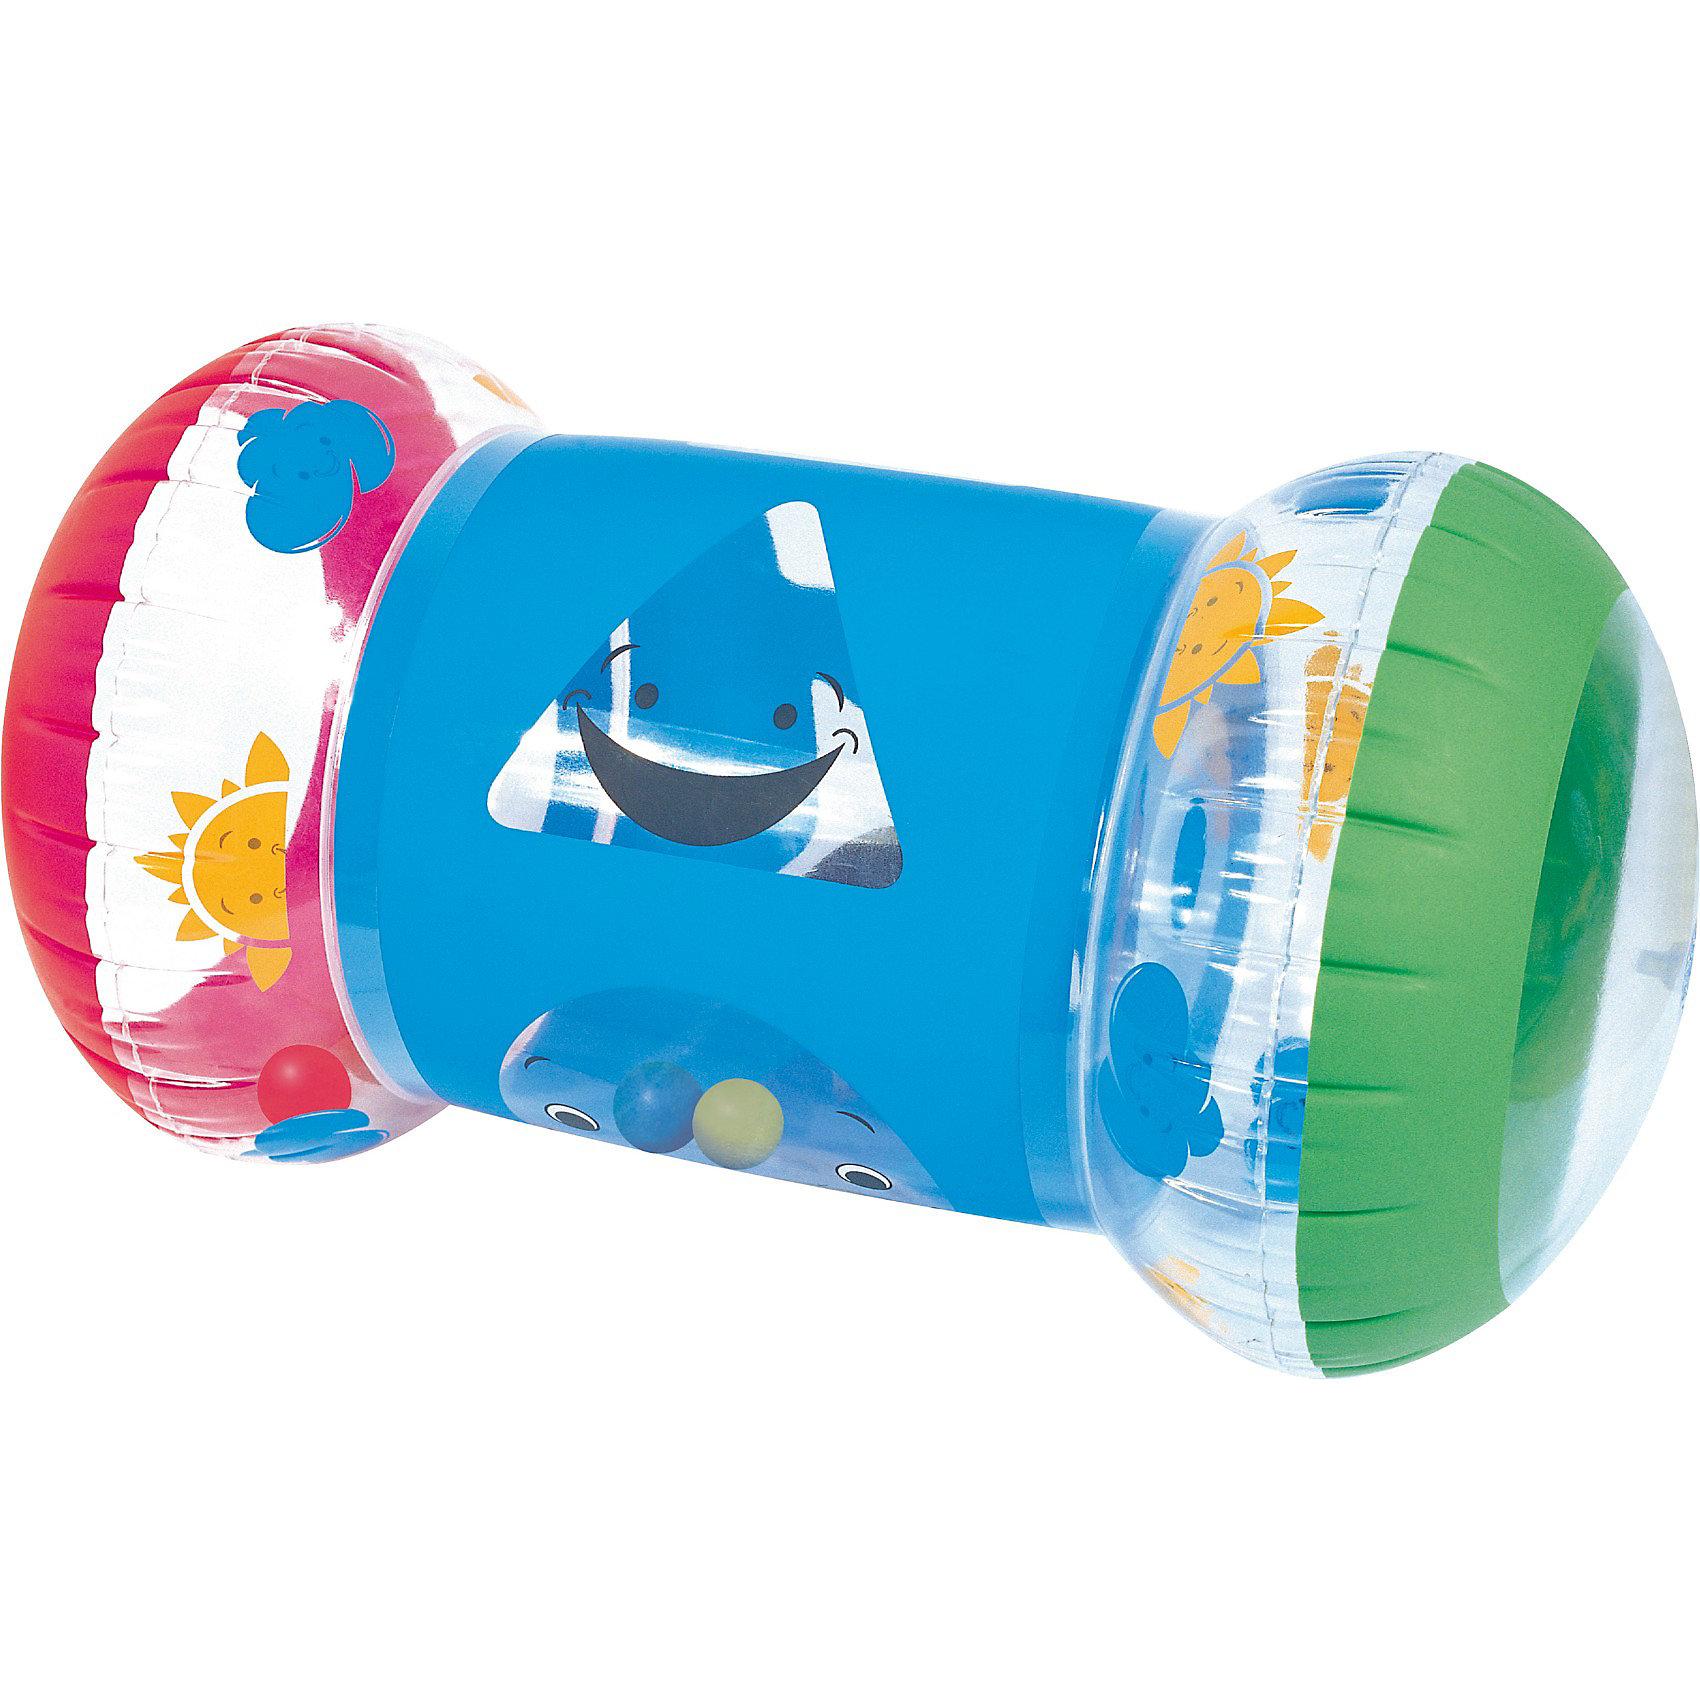 Надувной валик Первые шаги,  BestwayНадувной валик Первые шаги, Bestway (Бествей) - яркая, привлекательная для малыша игрушка, которая поможет ему быстрее научиться ходить. Ребенок катит валик вперед, опираясь на него руками во время ходьбы, игрушка служит ему опорой и поддержкой от падений. Валик выполнен из прочного материала, имеет красочный дизайн с изображением забавной улыбающейся мордочки. Во время передвижения внутри игрушки перекатываются яркие разноцветные шарики.<br><br>Дополнительная информация:<br><br>- Материал: ПВХ.<br>- Размер валика: 64 х 33 х 33 см.<br>- Размер упаковки: 23 х 24 х 5 см.<br>- Вес: 0,31 кг.<br><br>Надувной валик Первые шаги, Bestway (Бествей) можно купить в нашем интернет-магазине.<br><br>Ширина мм: 245<br>Глубина мм: 231<br>Высота мм: 55<br>Вес г: 295<br>Возраст от месяцев: 3<br>Возраст до месяцев: 36<br>Пол: Унисекс<br>Возраст: Детский<br>SKU: 3825215